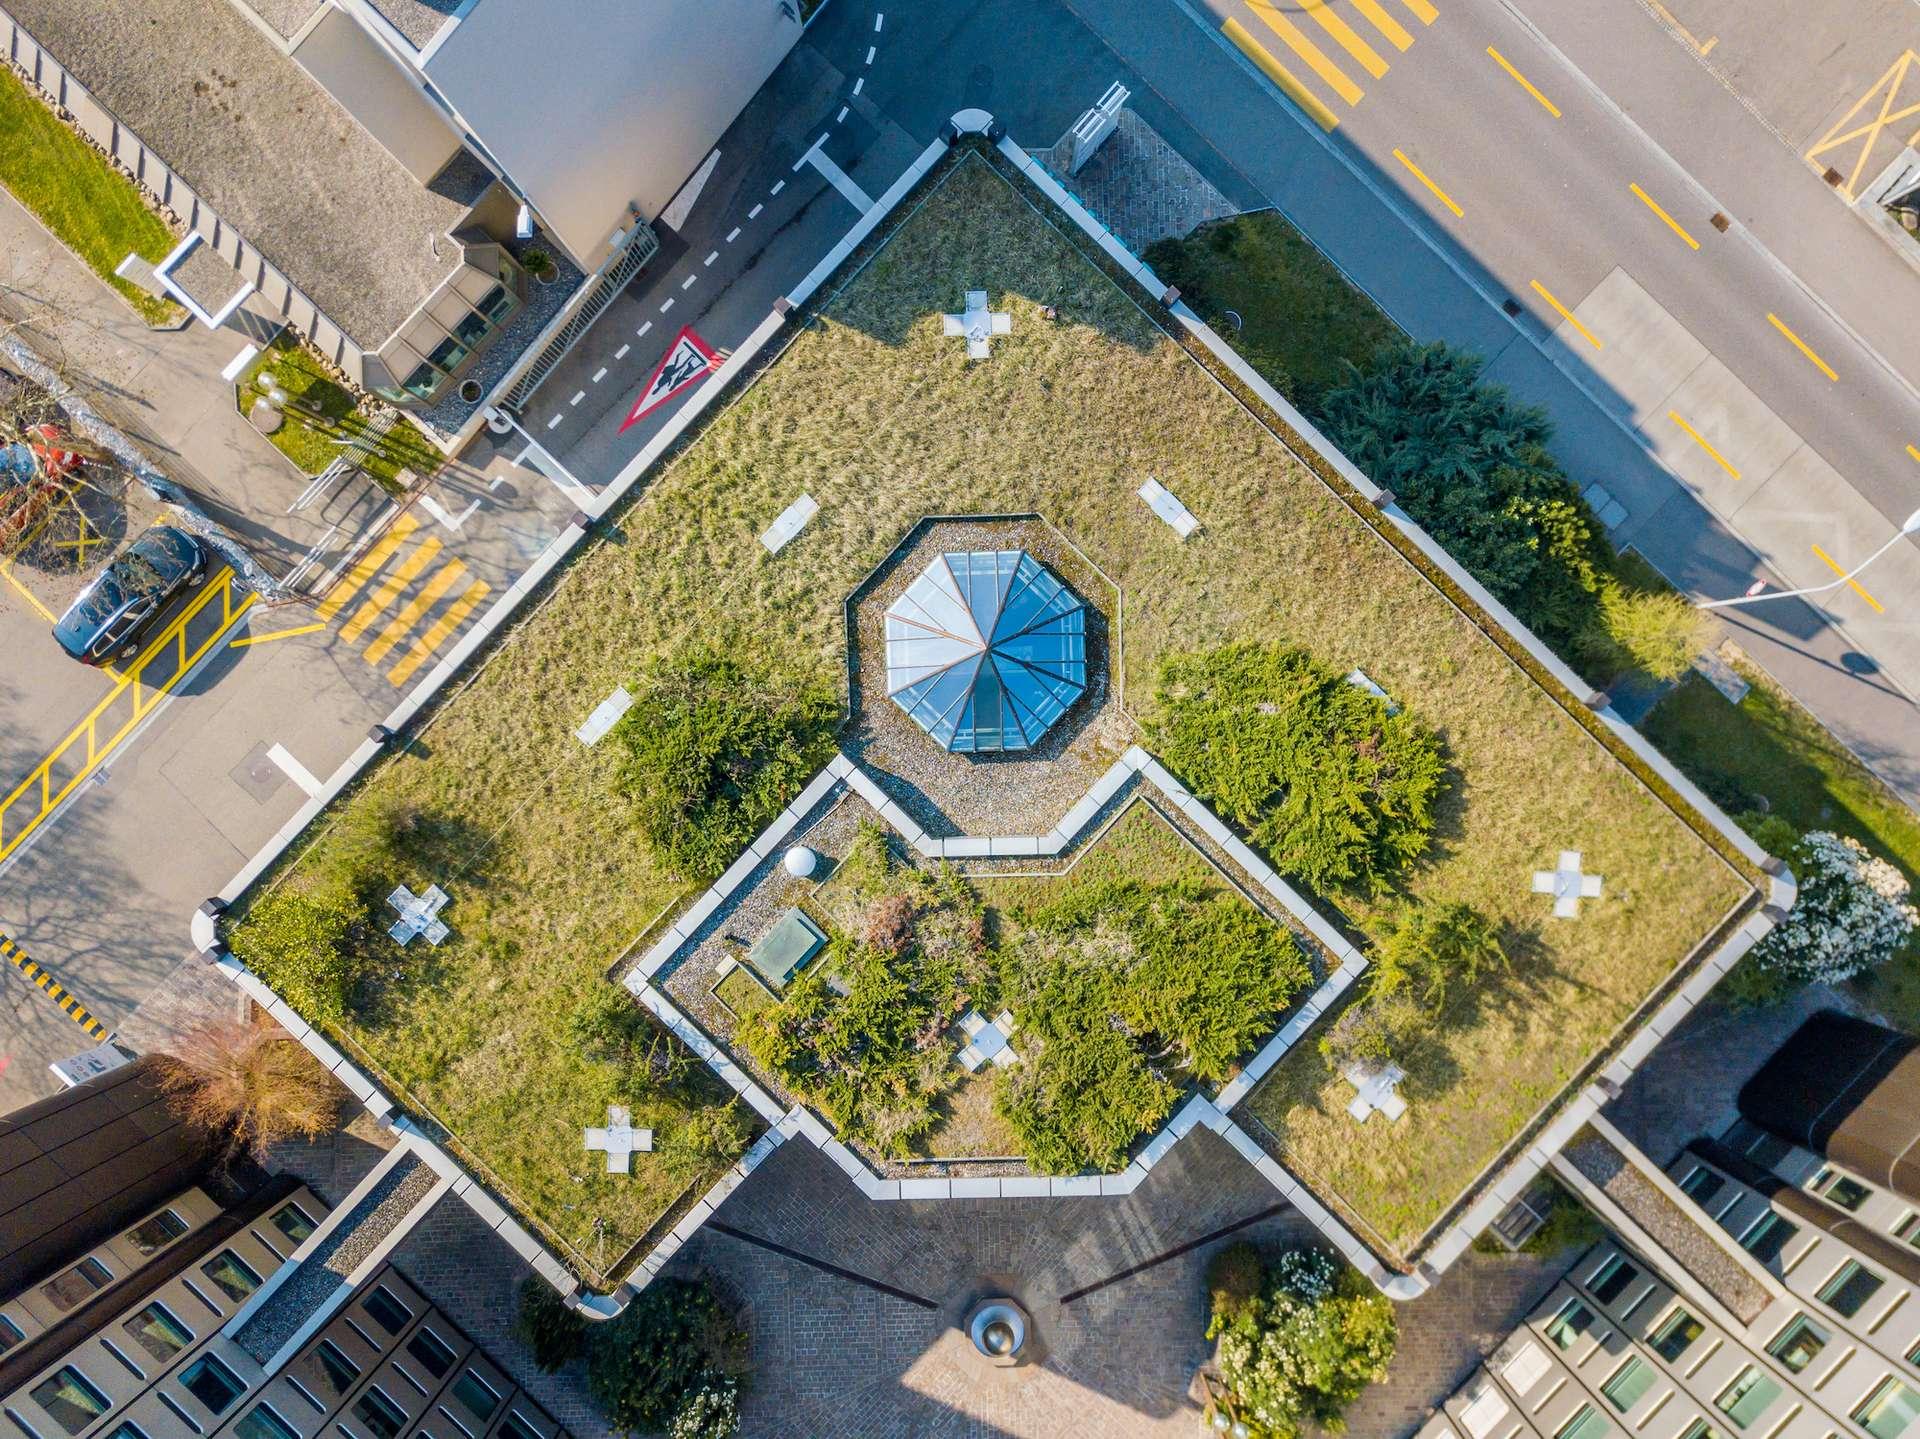 Legumes A Mettre Dans Le Jardin les jardins urbains pourraient couvrir 15 % des besoins en